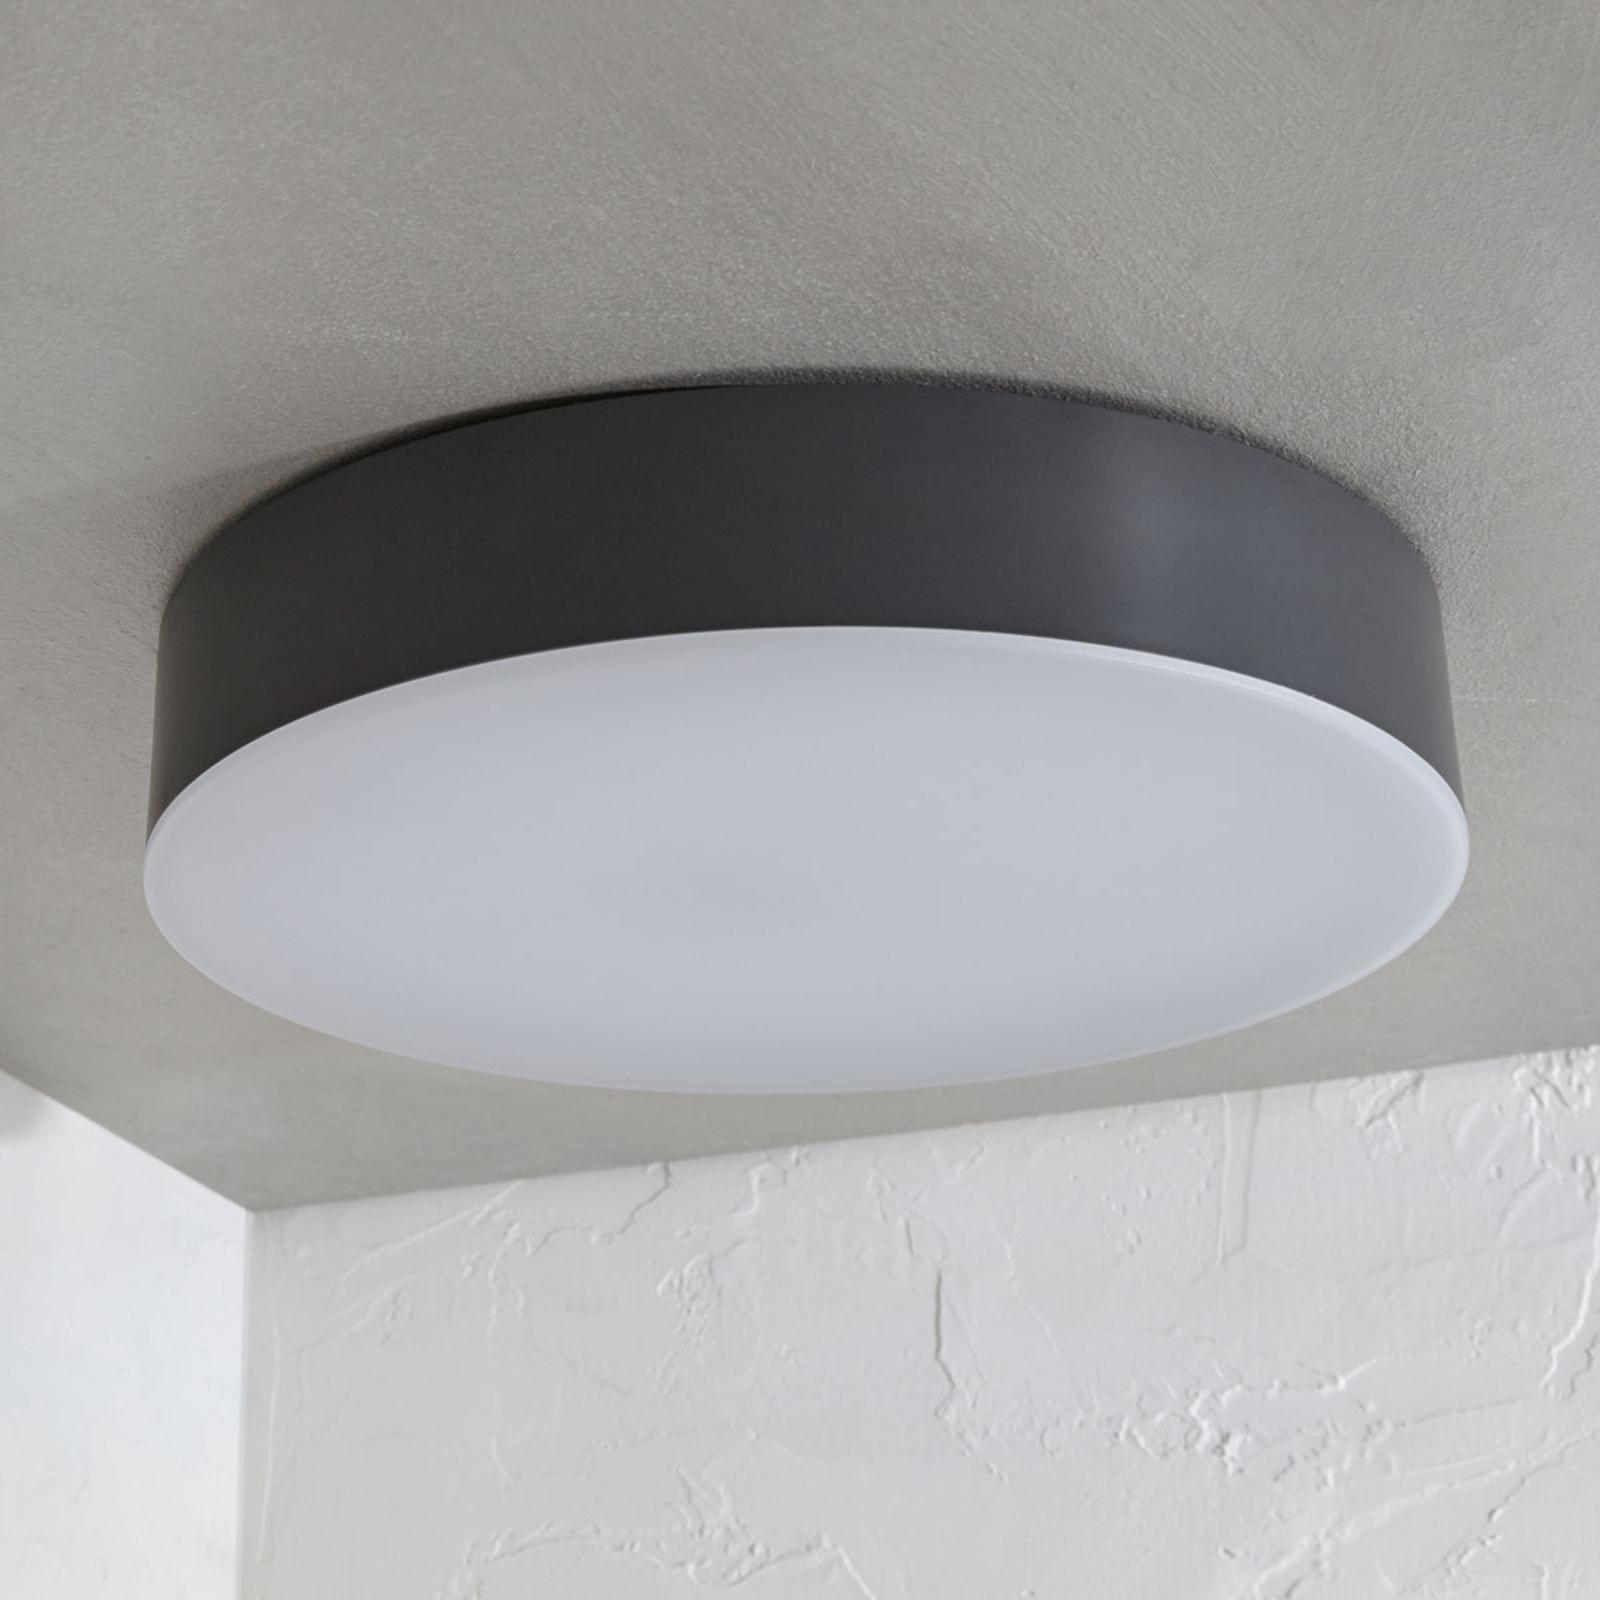 LED venkovní stropní svítidlo Lahja, tmavě šedé